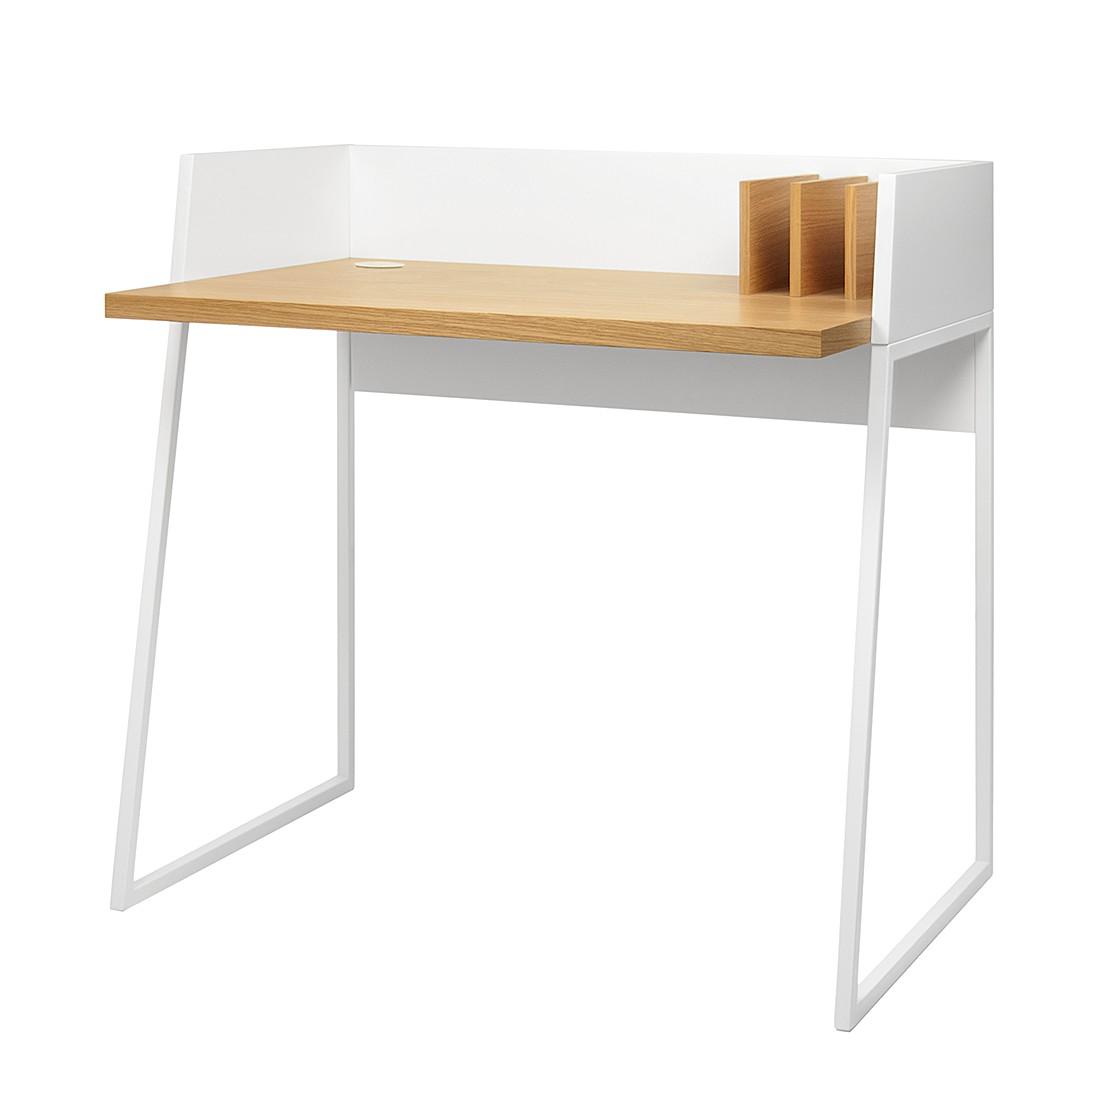 Schreibtisch Volga - Weiß / Eiche, loftscape